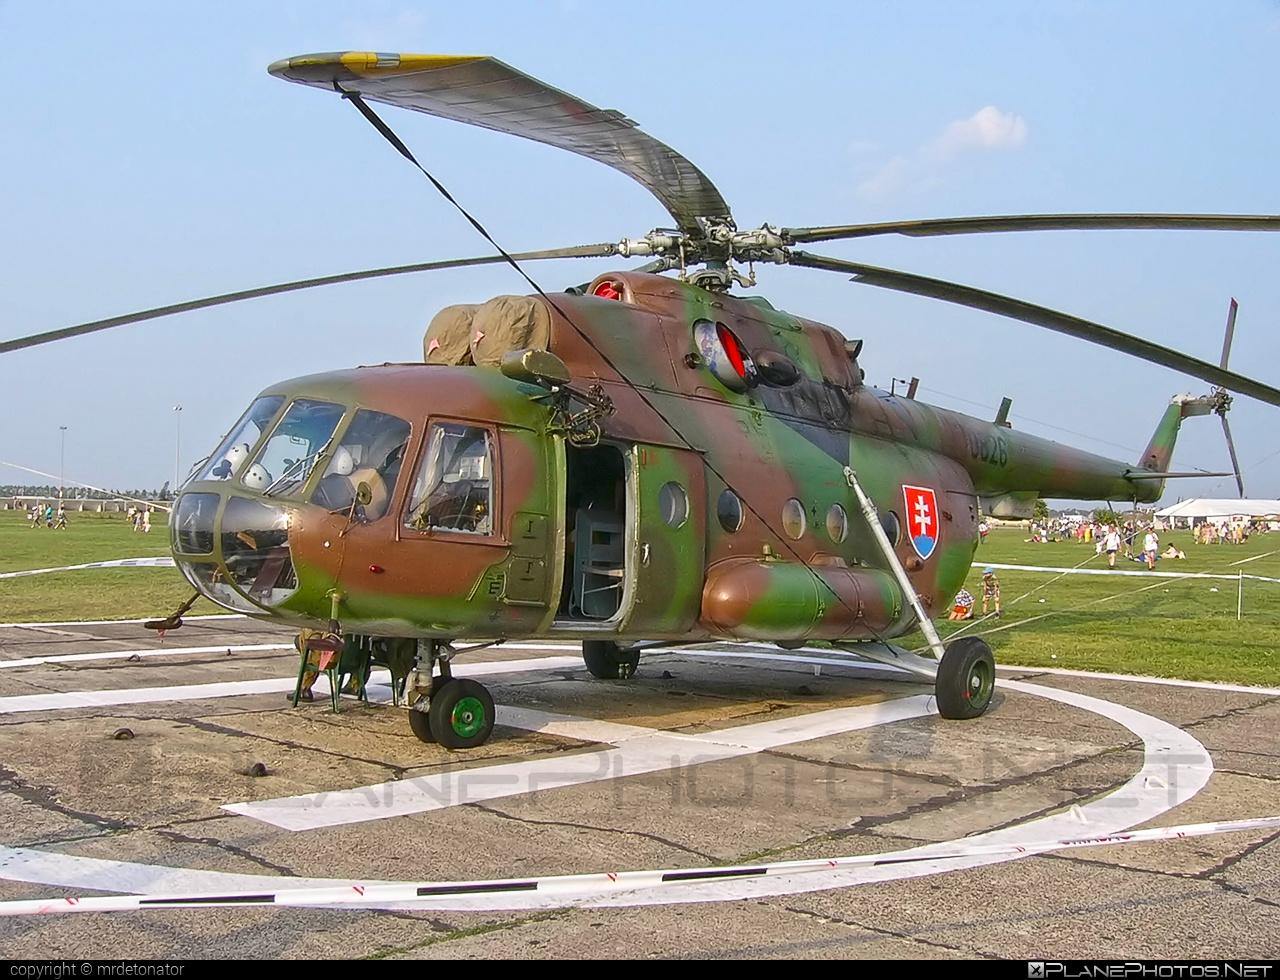 Mil Mi-17 - 0826 operated by Vzdušné sily OS SR (Slovak Air Force) #mi17 #mil #mil17 #milhelicopters #slovakairforce #vzdusnesilyossr